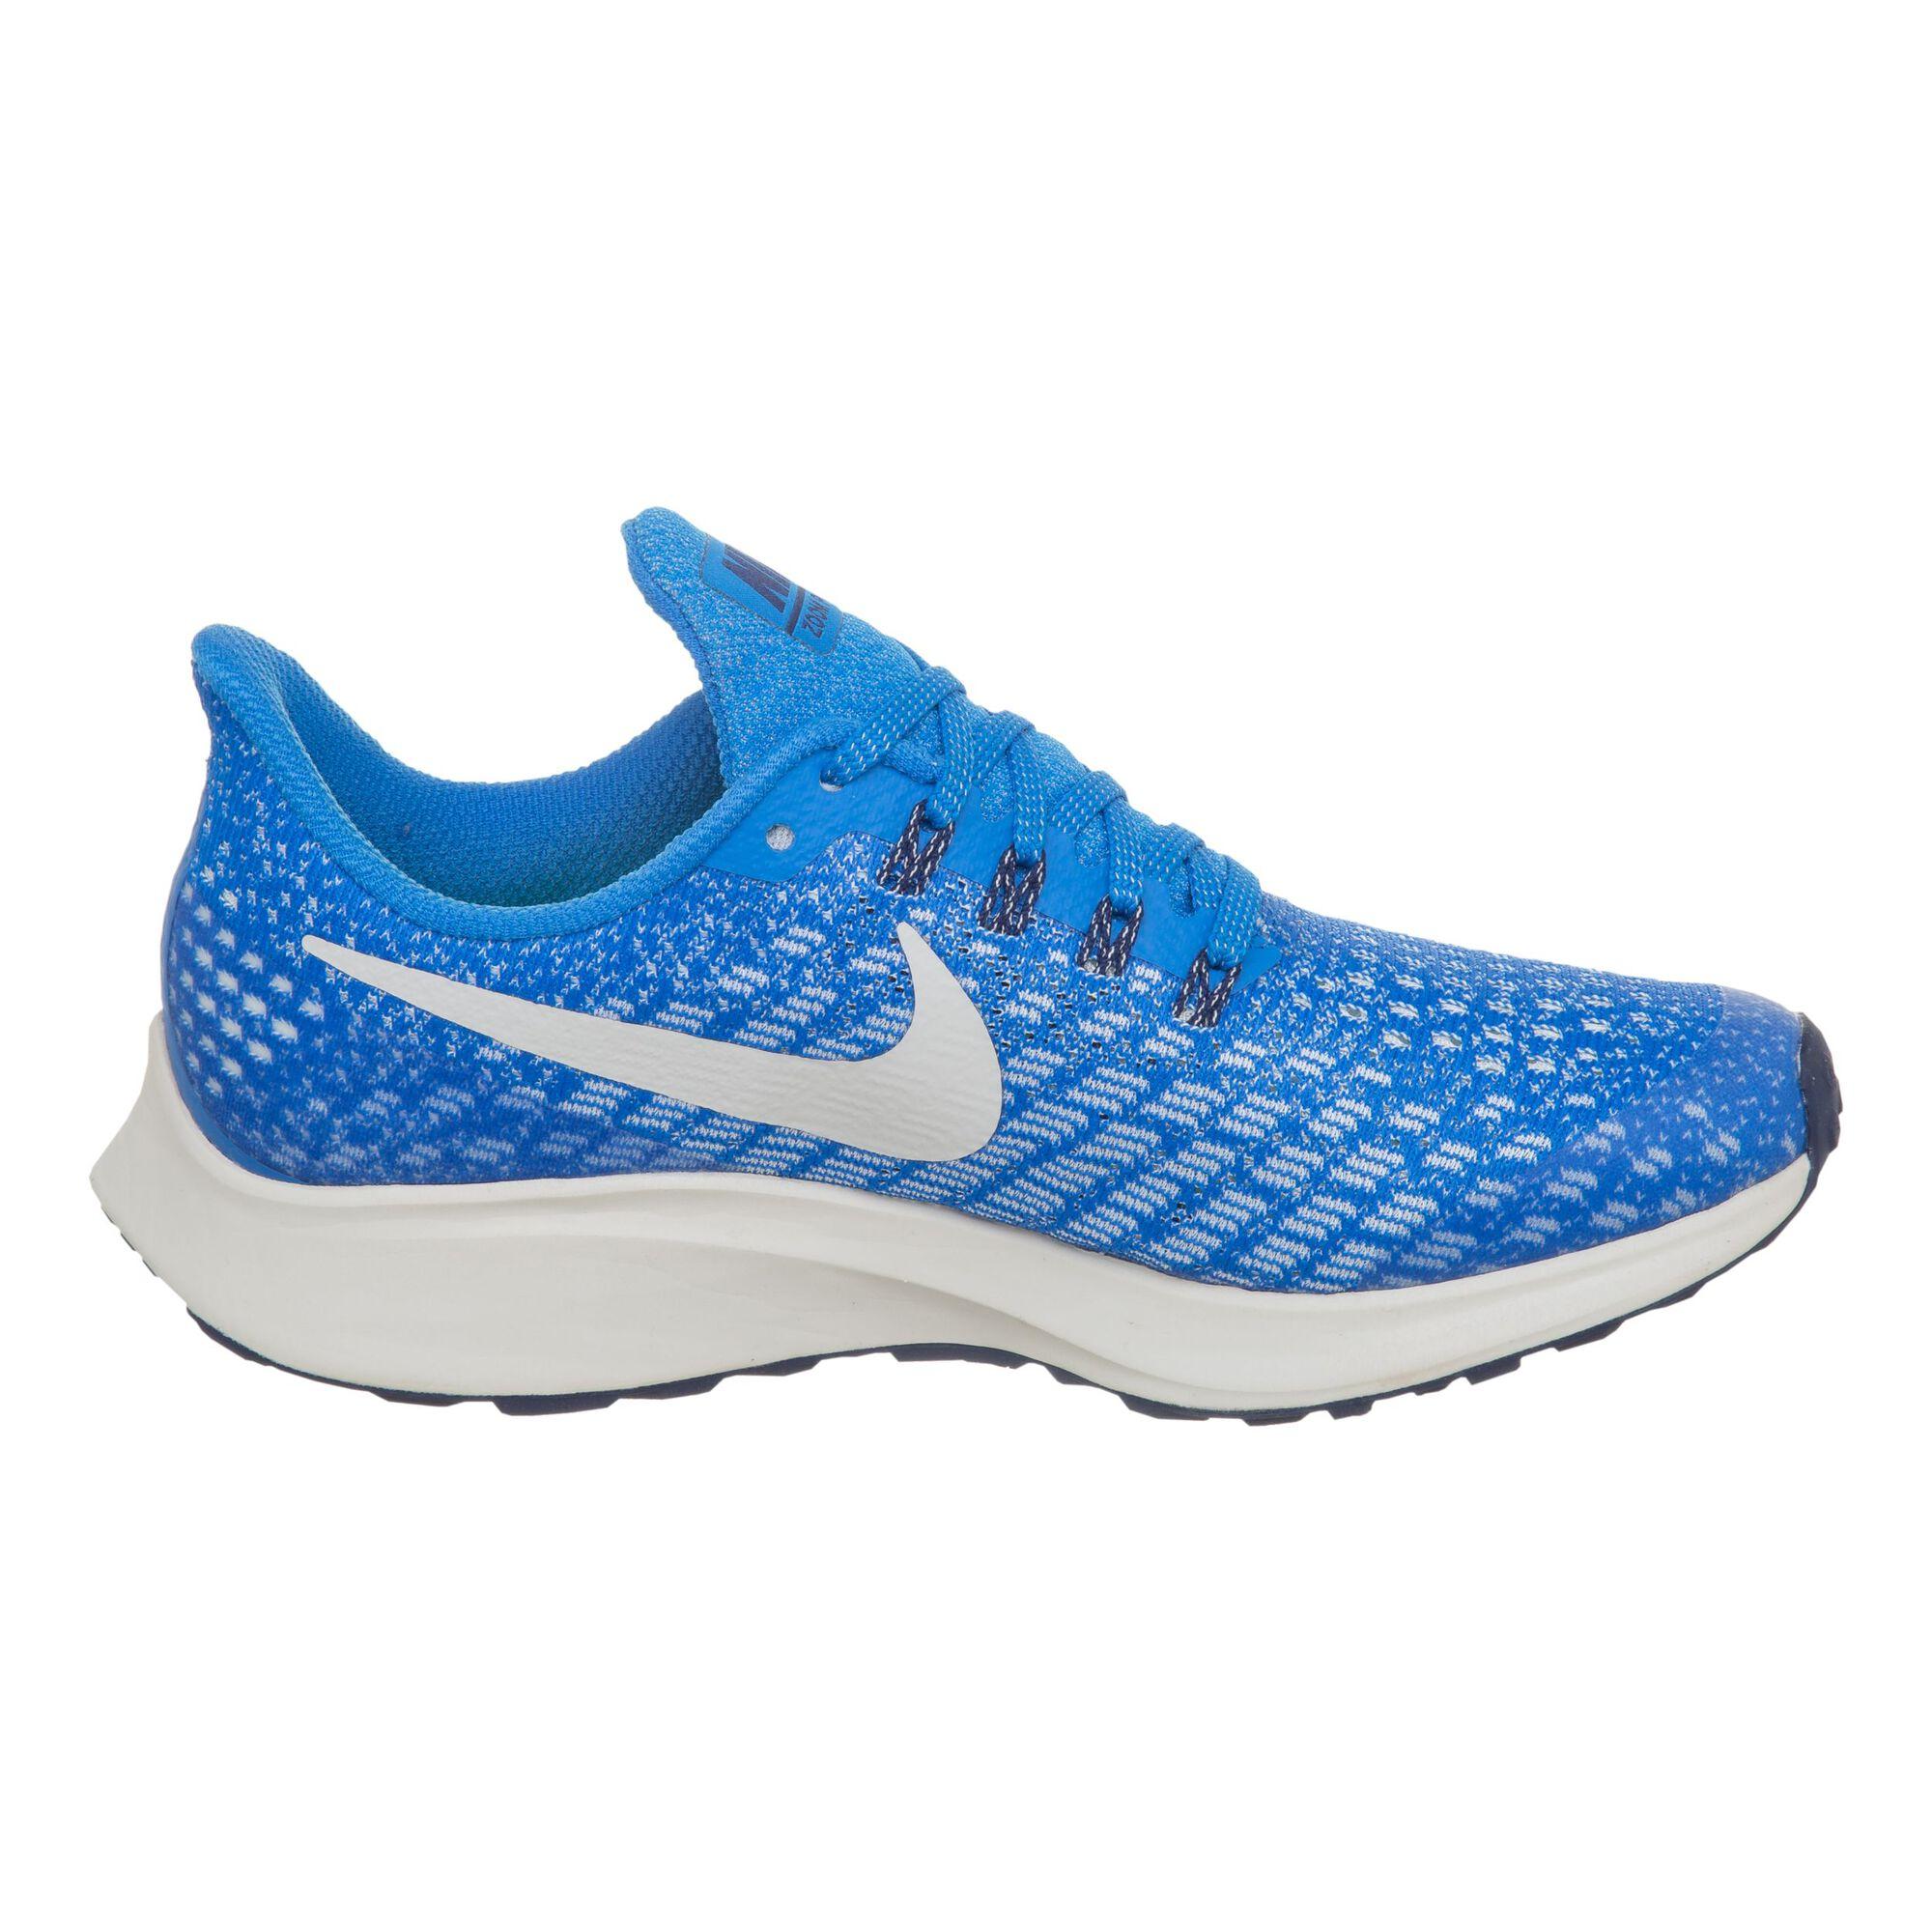 8ebedc42218 Nike · Nike · Nike · Nike · Nike · Nike · Nike · Nike · Nike · Nike. Air  Zoom Pegasus ...